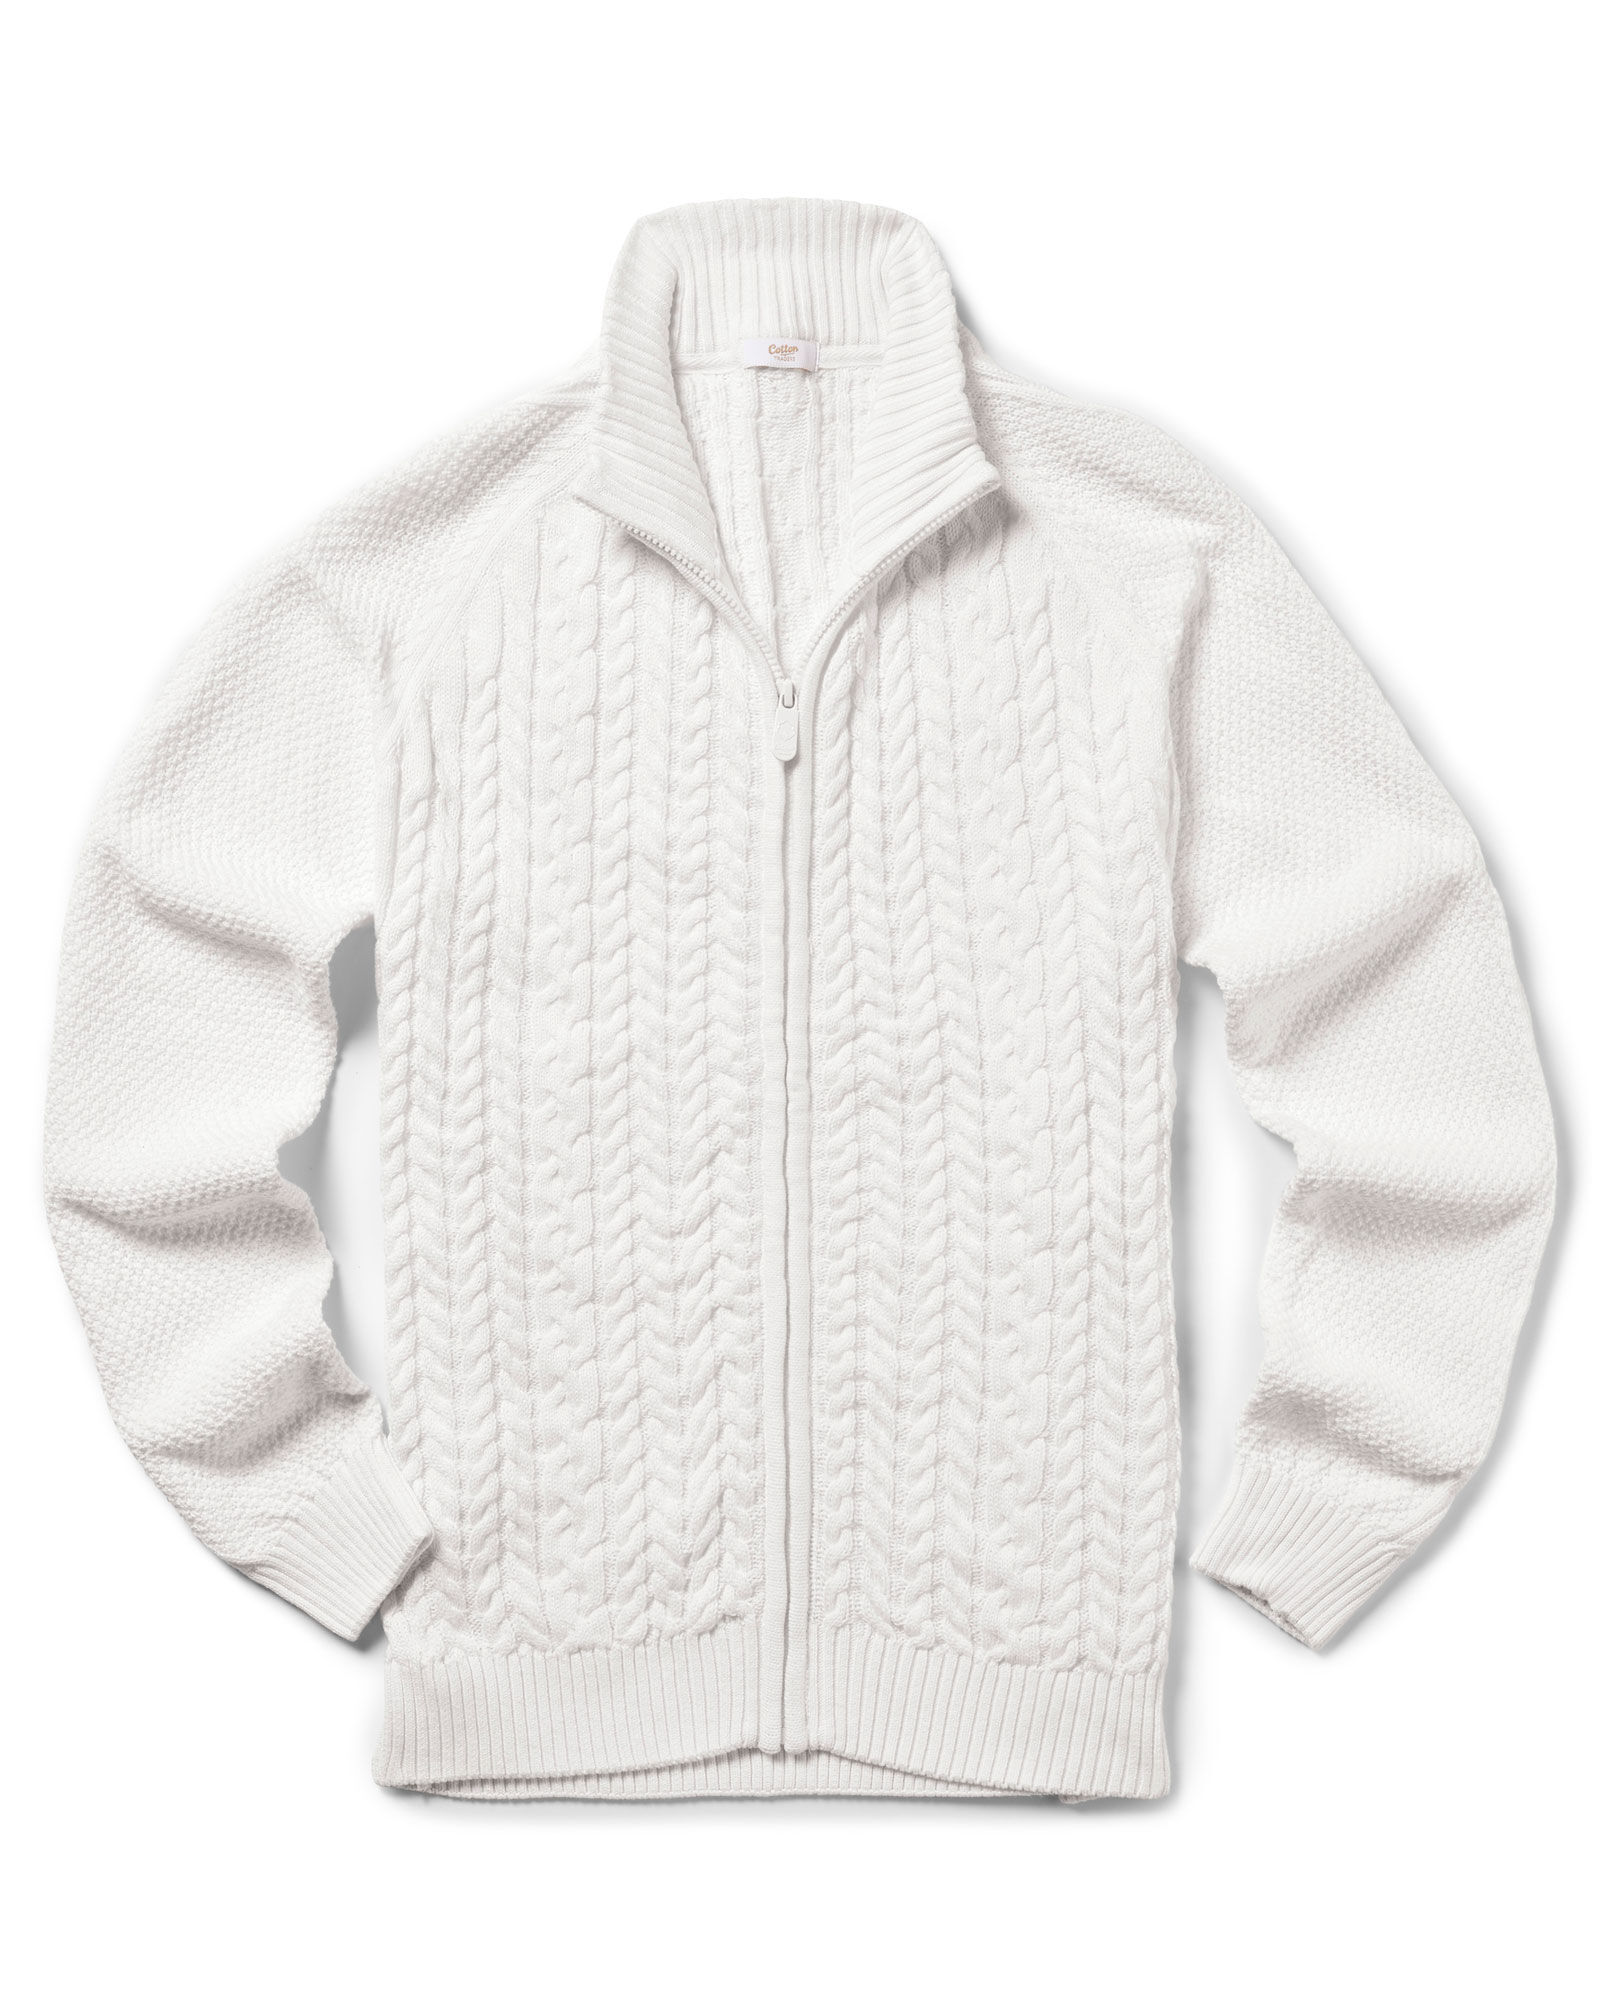 Men's Cardigans   Cardigans For Men Cotton Traders